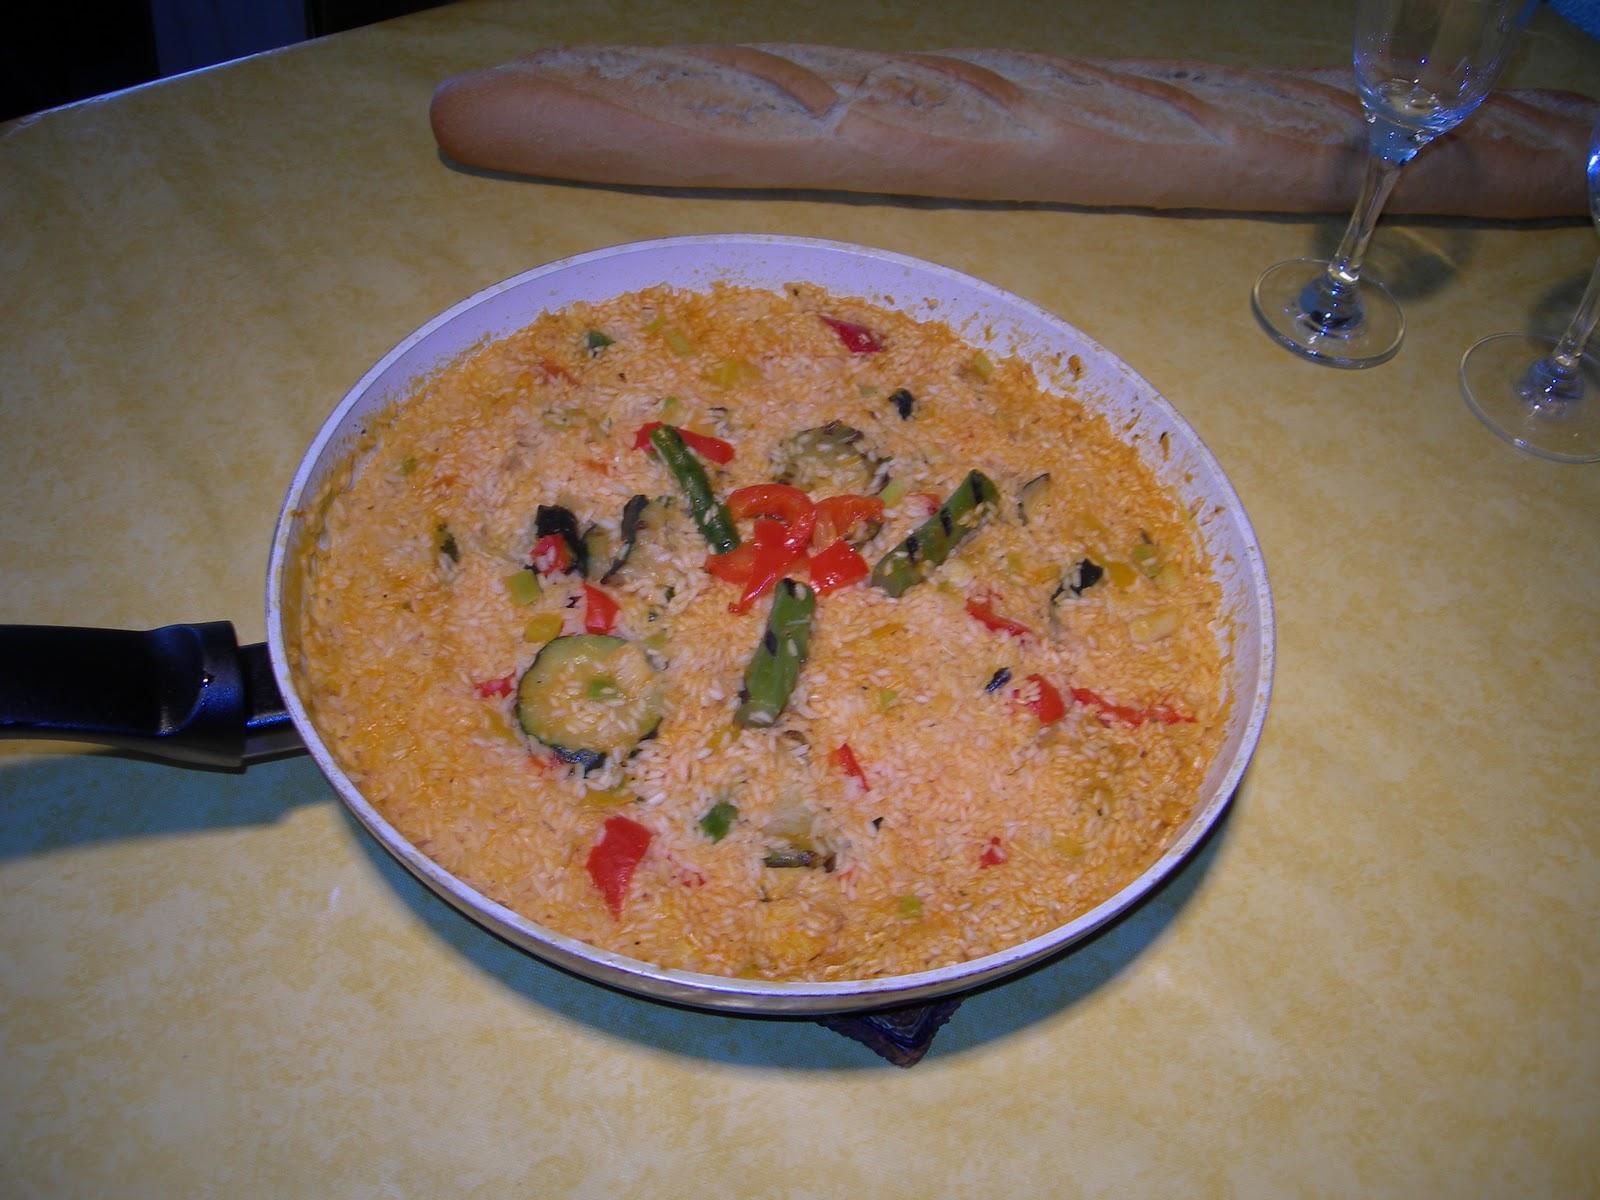 Come bien con ceeft arroz con bacalao y verduritas - Arroz con bacalao desmigado ...